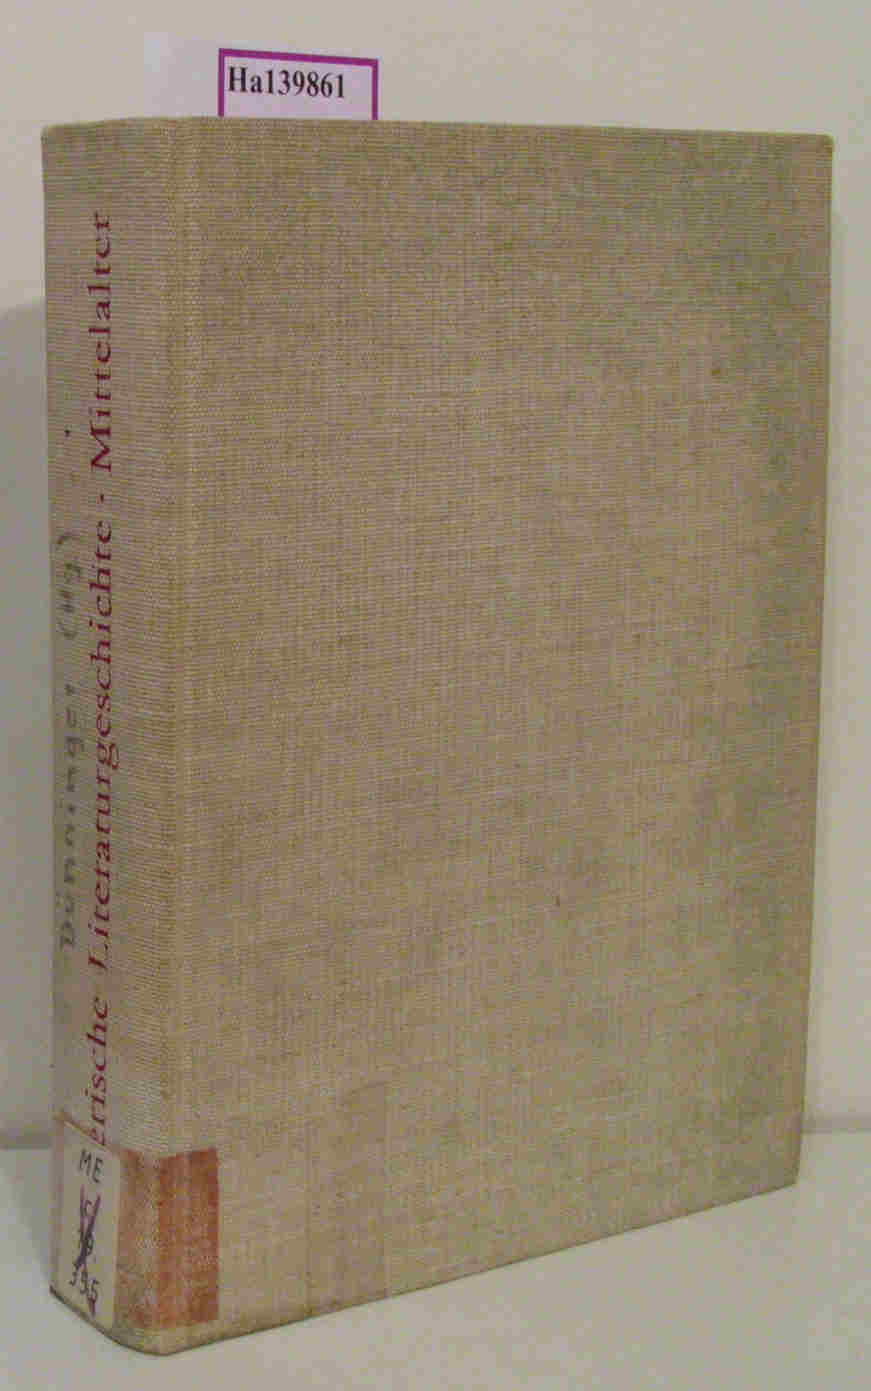 Dünninger,  Eberhard / Kiesselbach, Dorothee: Bayerische Literaturgeschichte in ausgewählten Beispielen.